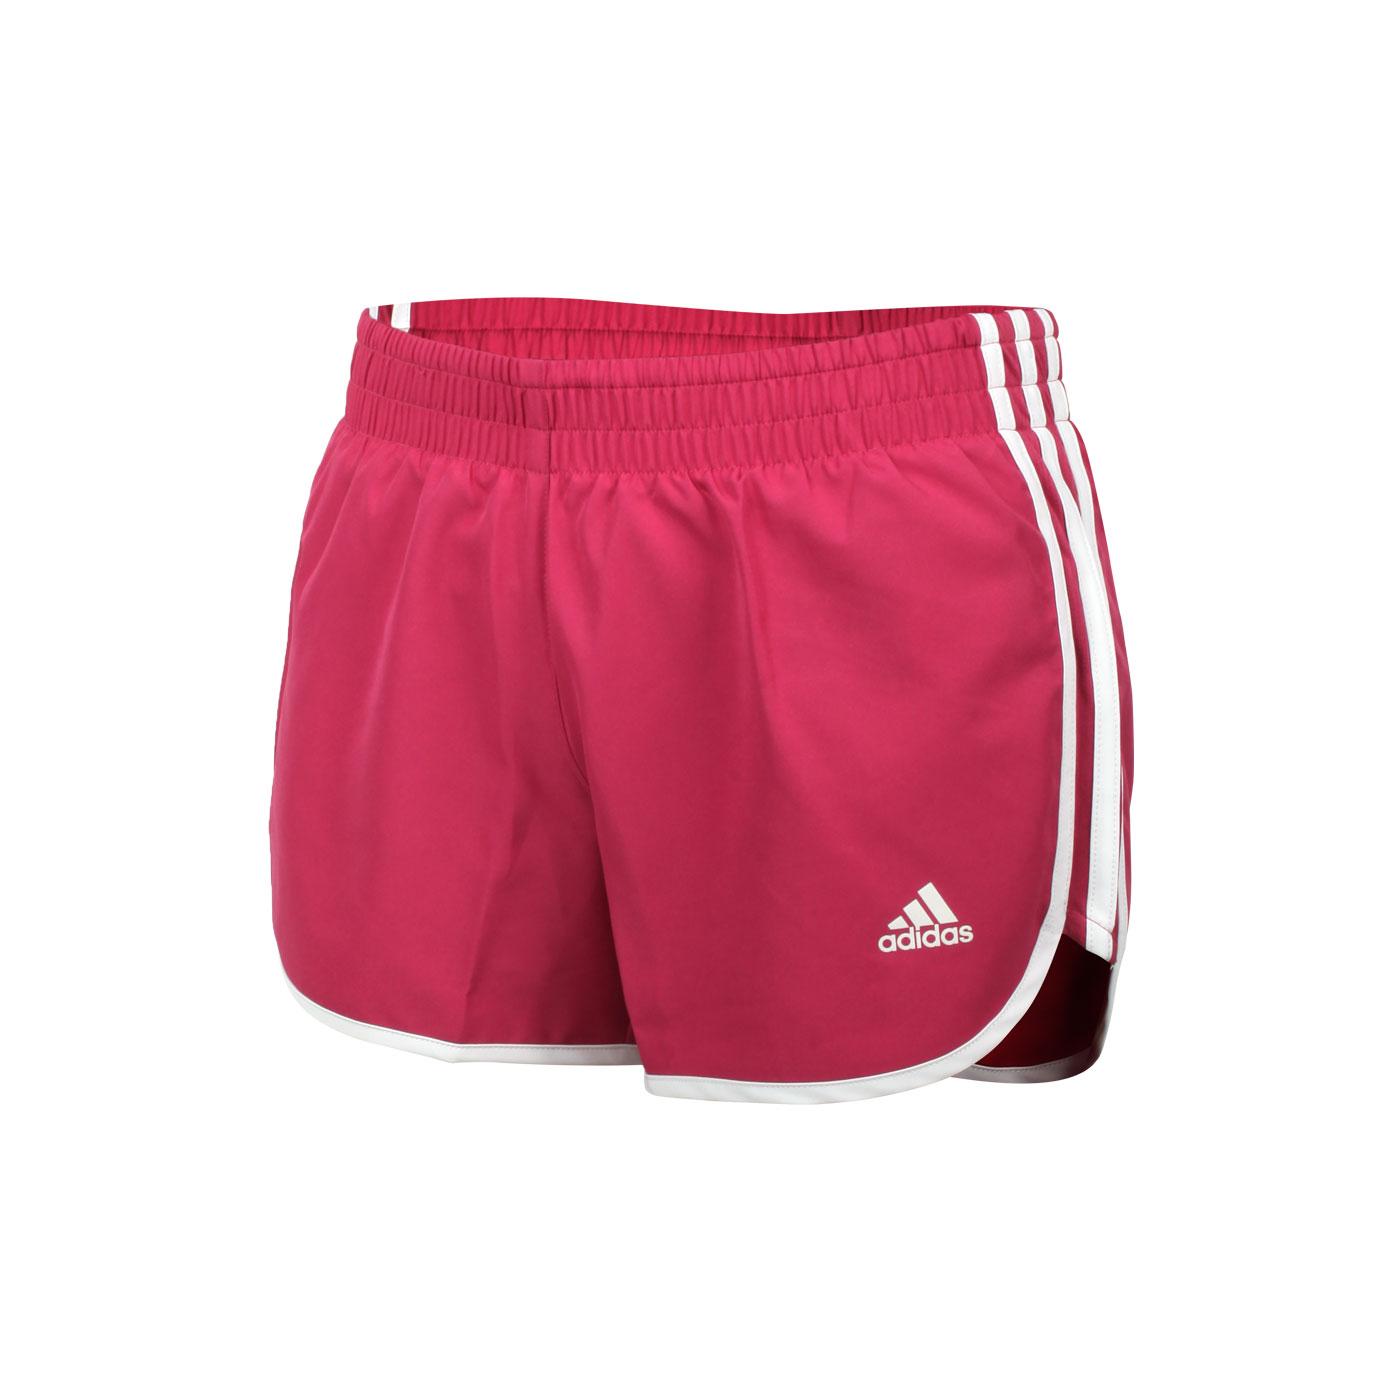 ADIDAS 女款慢跑短褲 GK5263 - 莓果紫